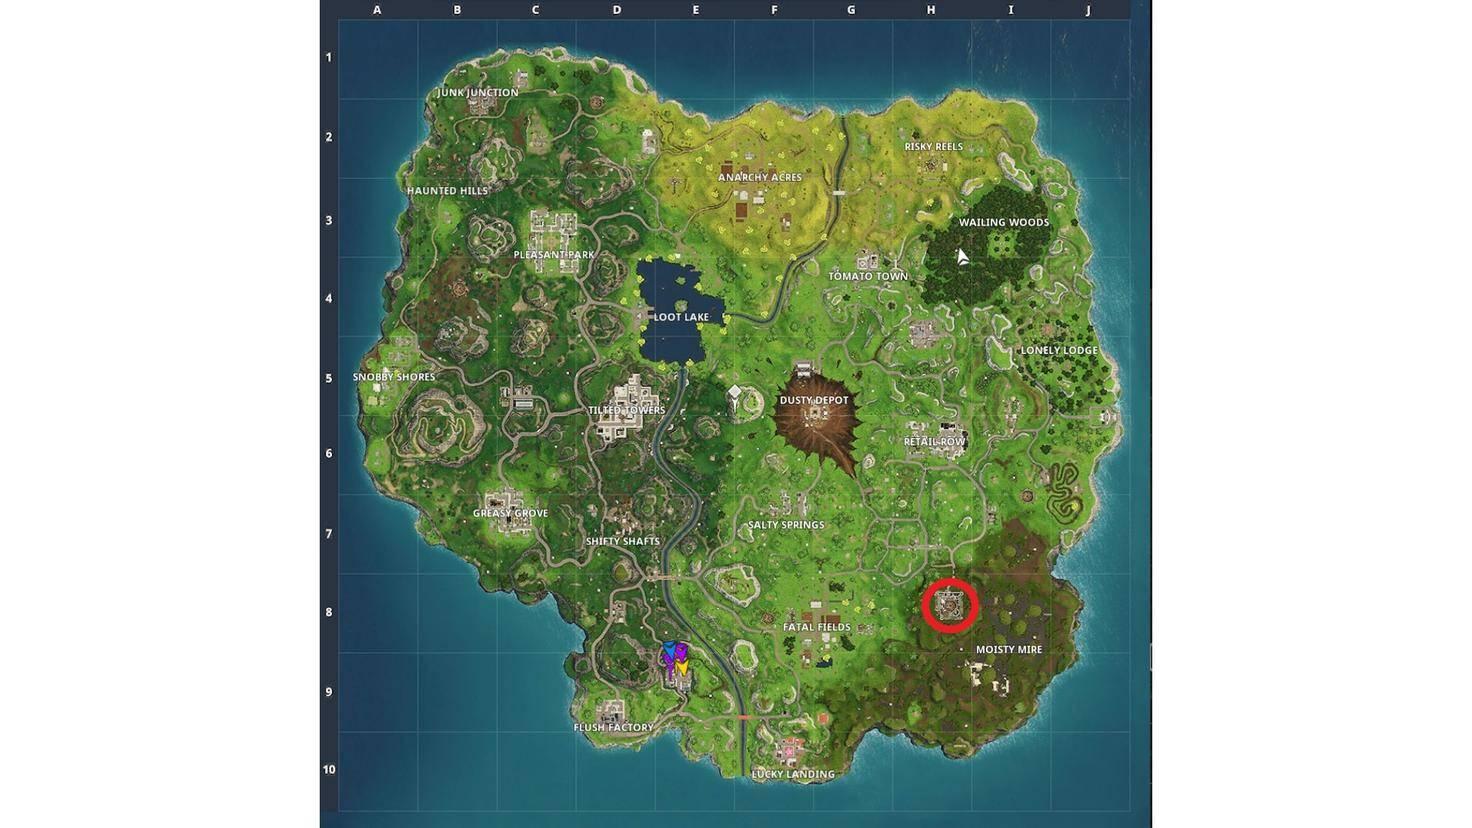 Die Markierung (roter Kreis) zeigt Dir, wo Du den versteckten Stern ergattern kannst.